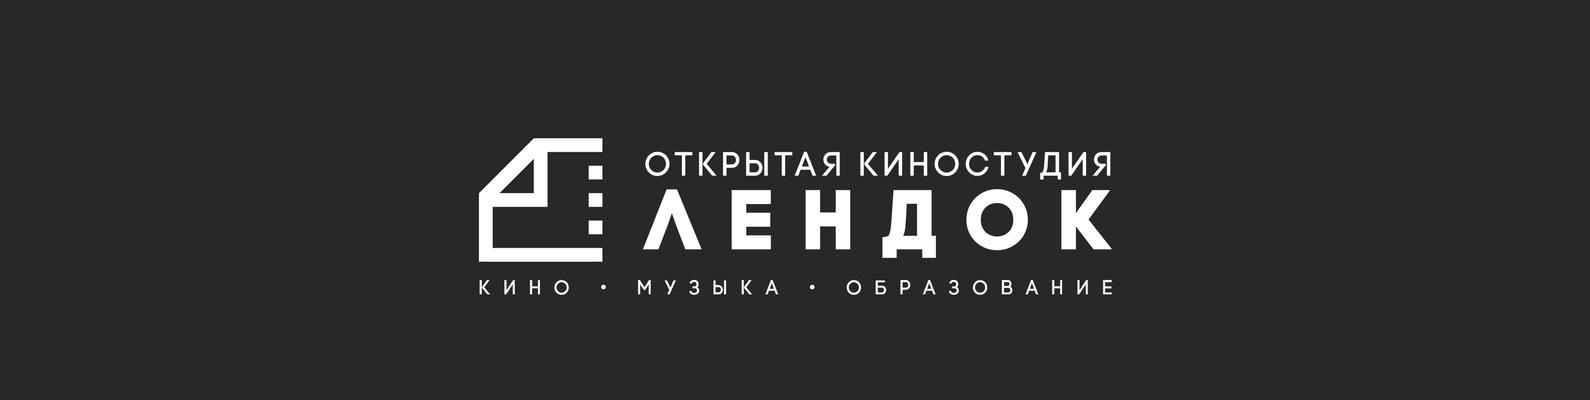 Киностудия эрос фильм смотреть — photo 6